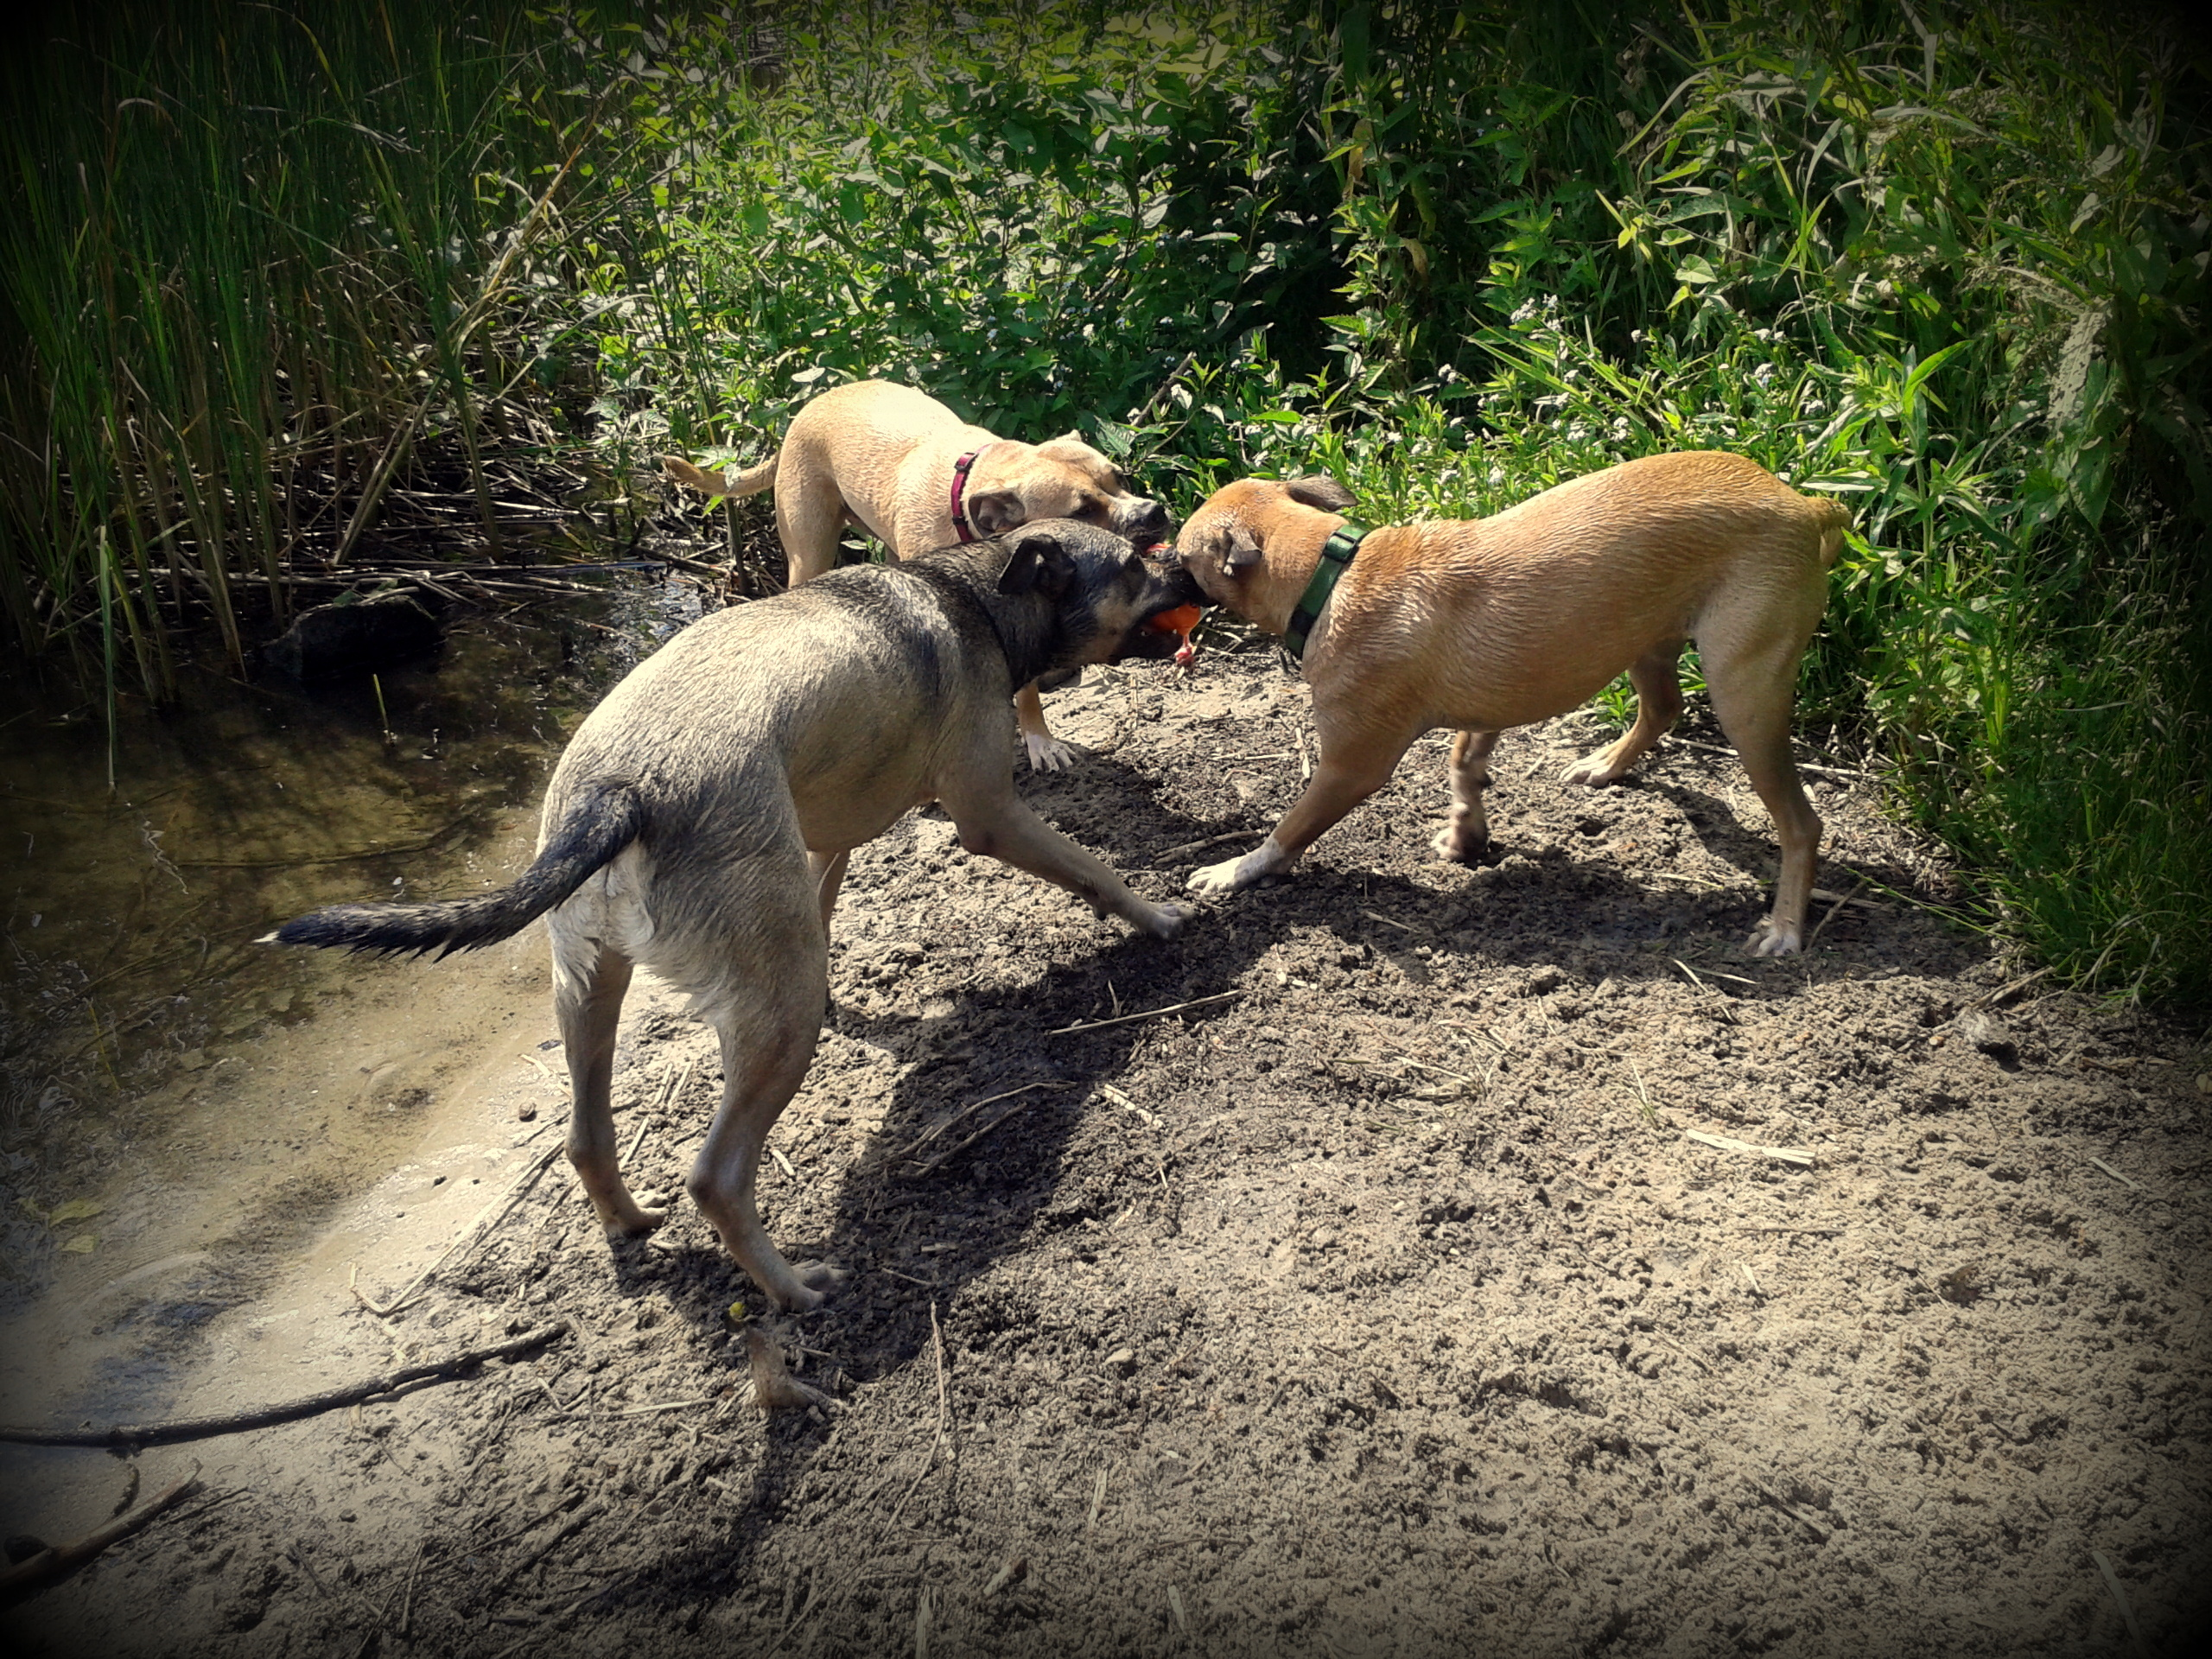 Selbst wenn drei Hunde mit einem Spielzeug spielen gibts keine Spur von Aggressivität